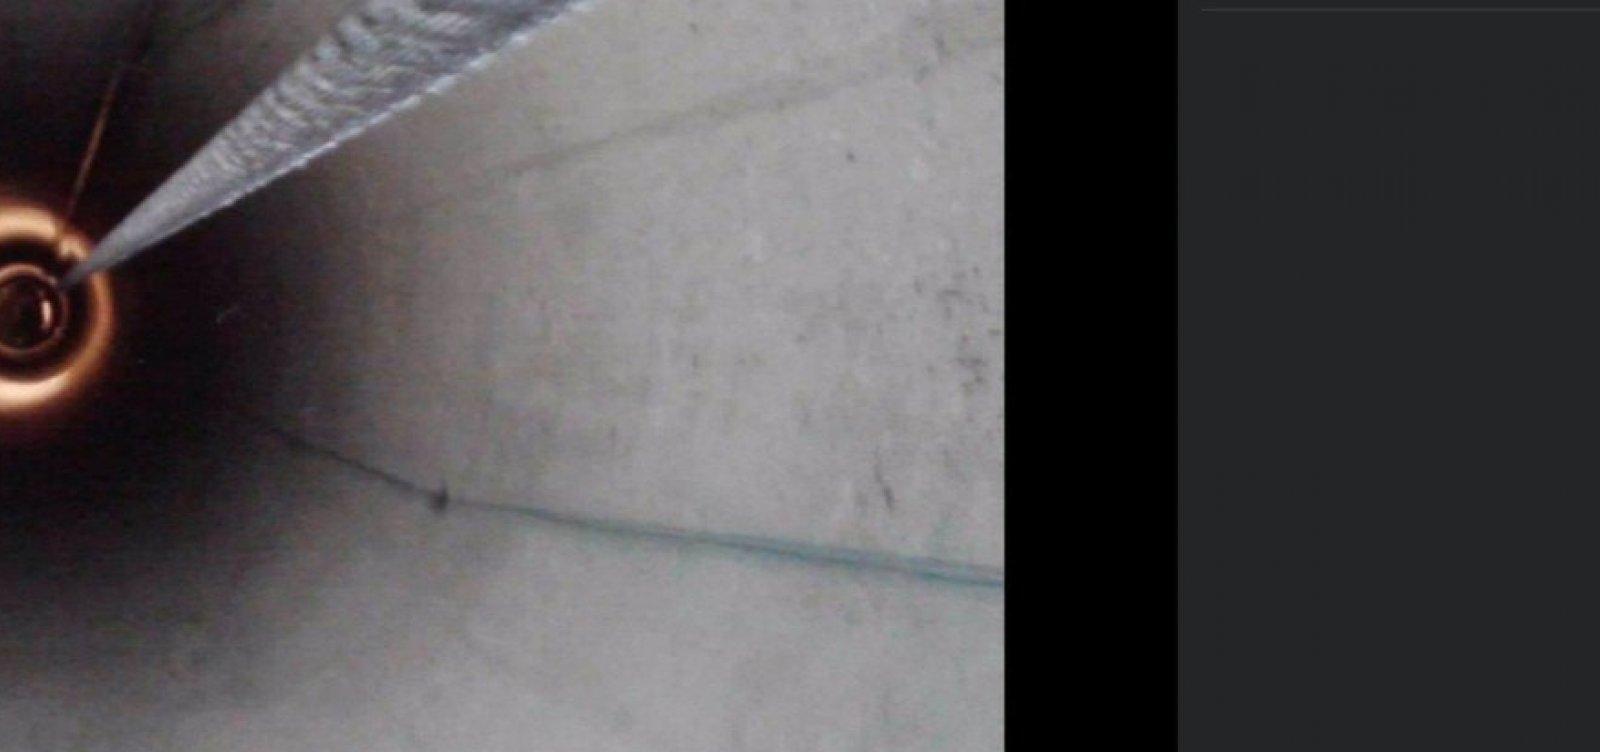 Dois homens morrem asfixiados durante garimpo em poço a 18m de profundidade